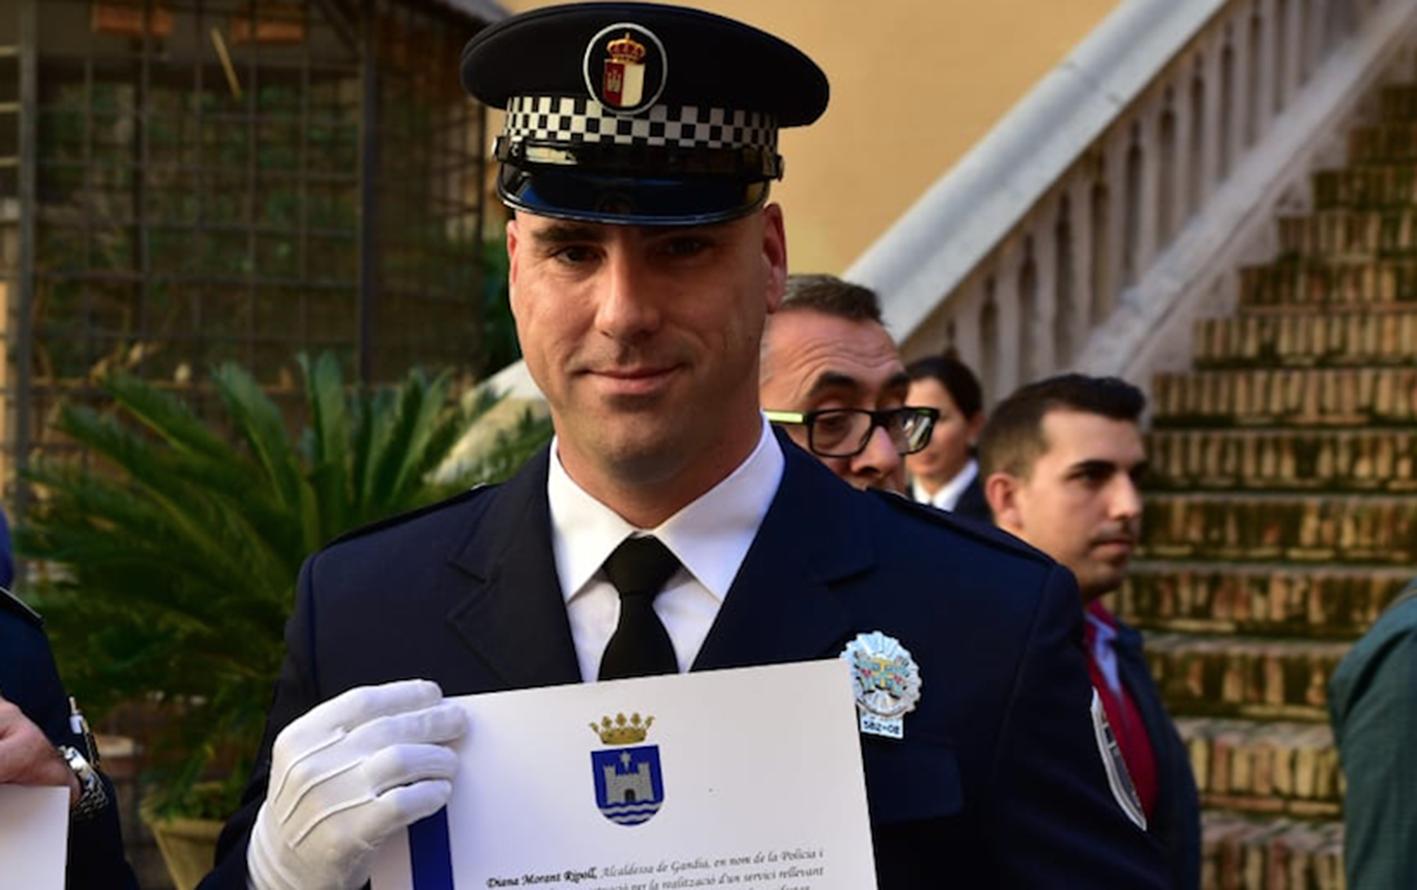 Jorge Martínez afirma que cuando se pone el uniforme de la Policía solo piensa en el cumplimiento del deber y en el servicio al ciudadano